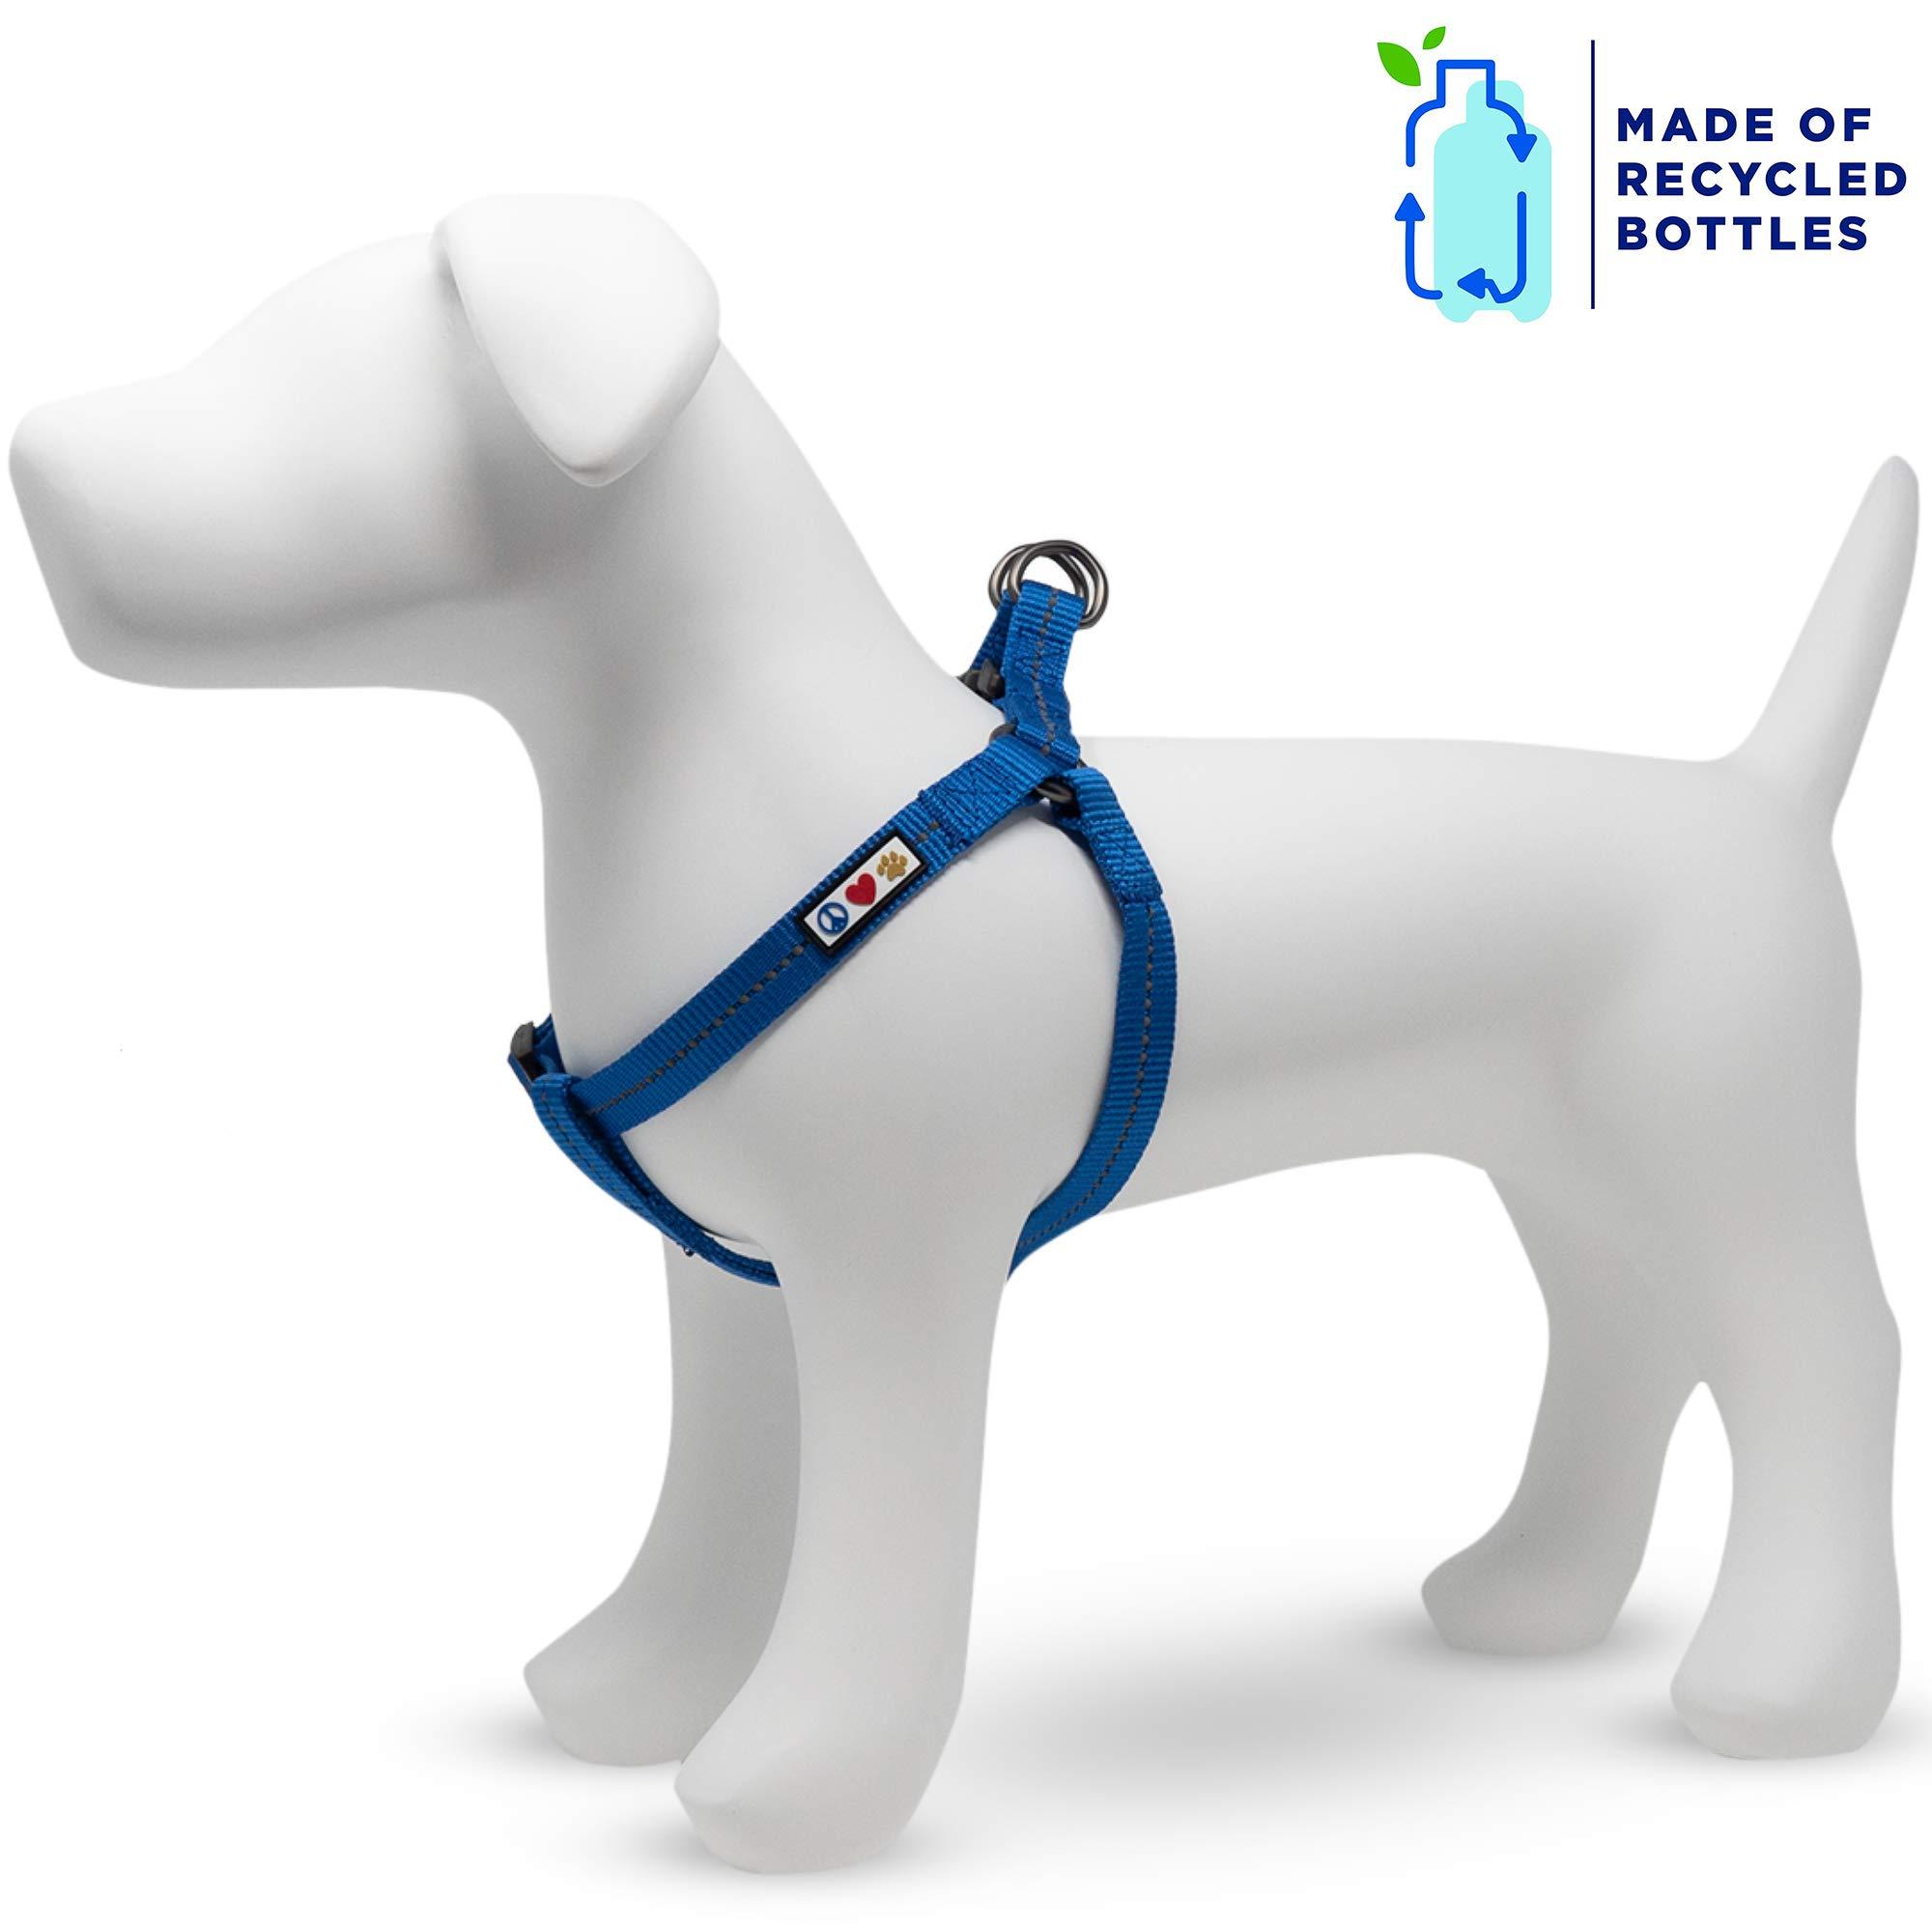 Pawtitas Arnes para Perro Reciclado con Costura Reflectante   Arnes para Cachorros Hecho de Botellas de plástico recogidas del Oceano - Arnes Oceano Azul Pequeño: Amazon.es: Productos para mascotas